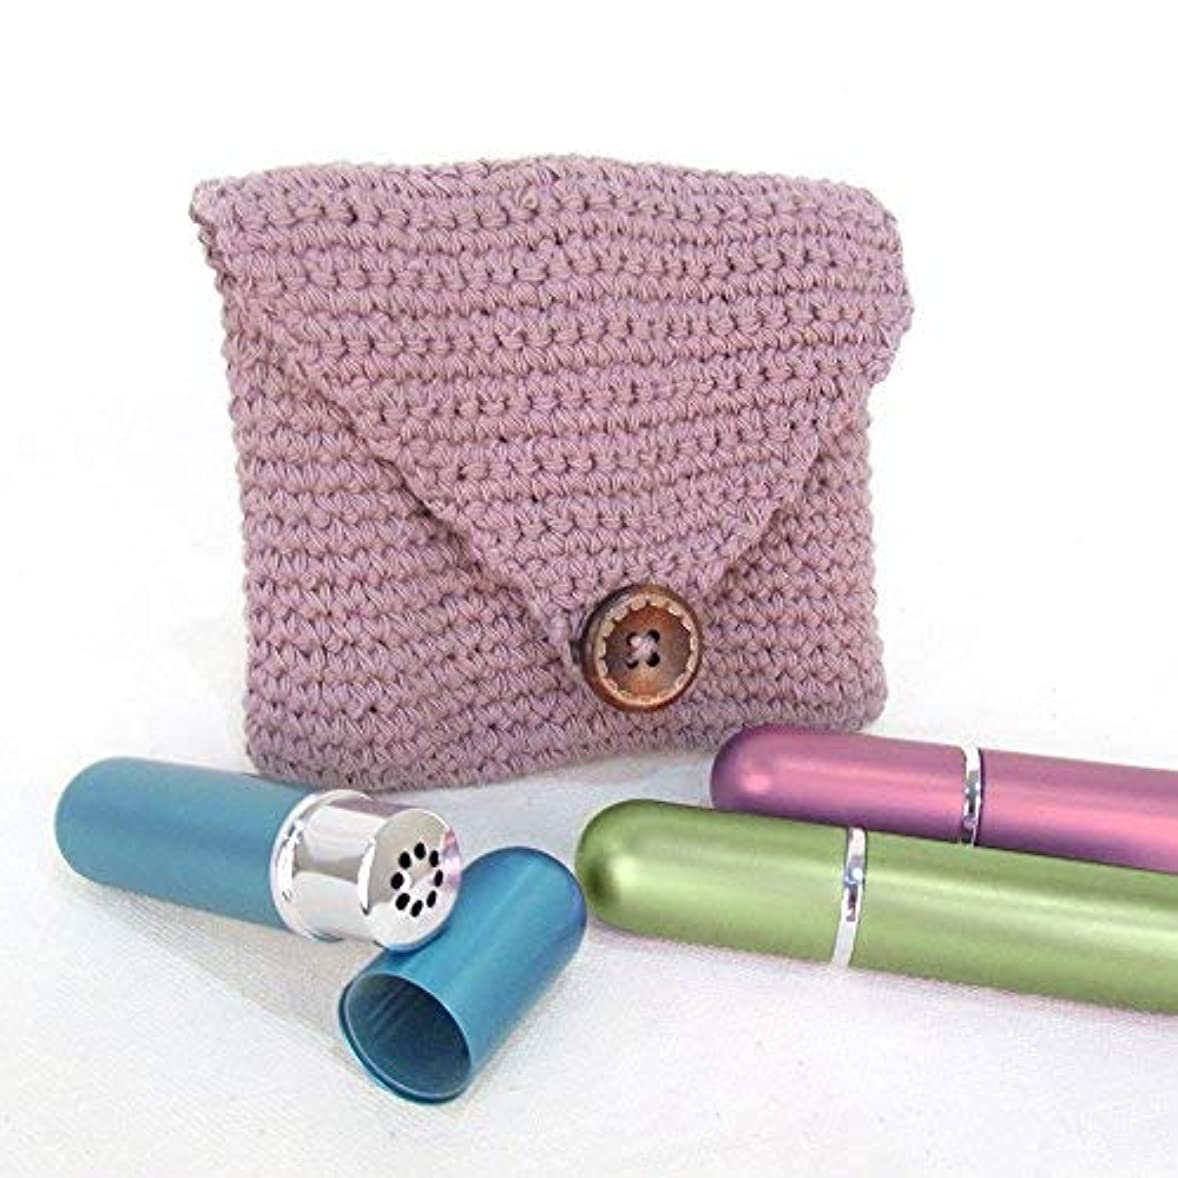 タオルレパートリースチュワードPurple Crochet Case and 3 Empty Essential Oil Aluminum and Glass Refillable Inhalers by Rivertree Life [並行輸入品]